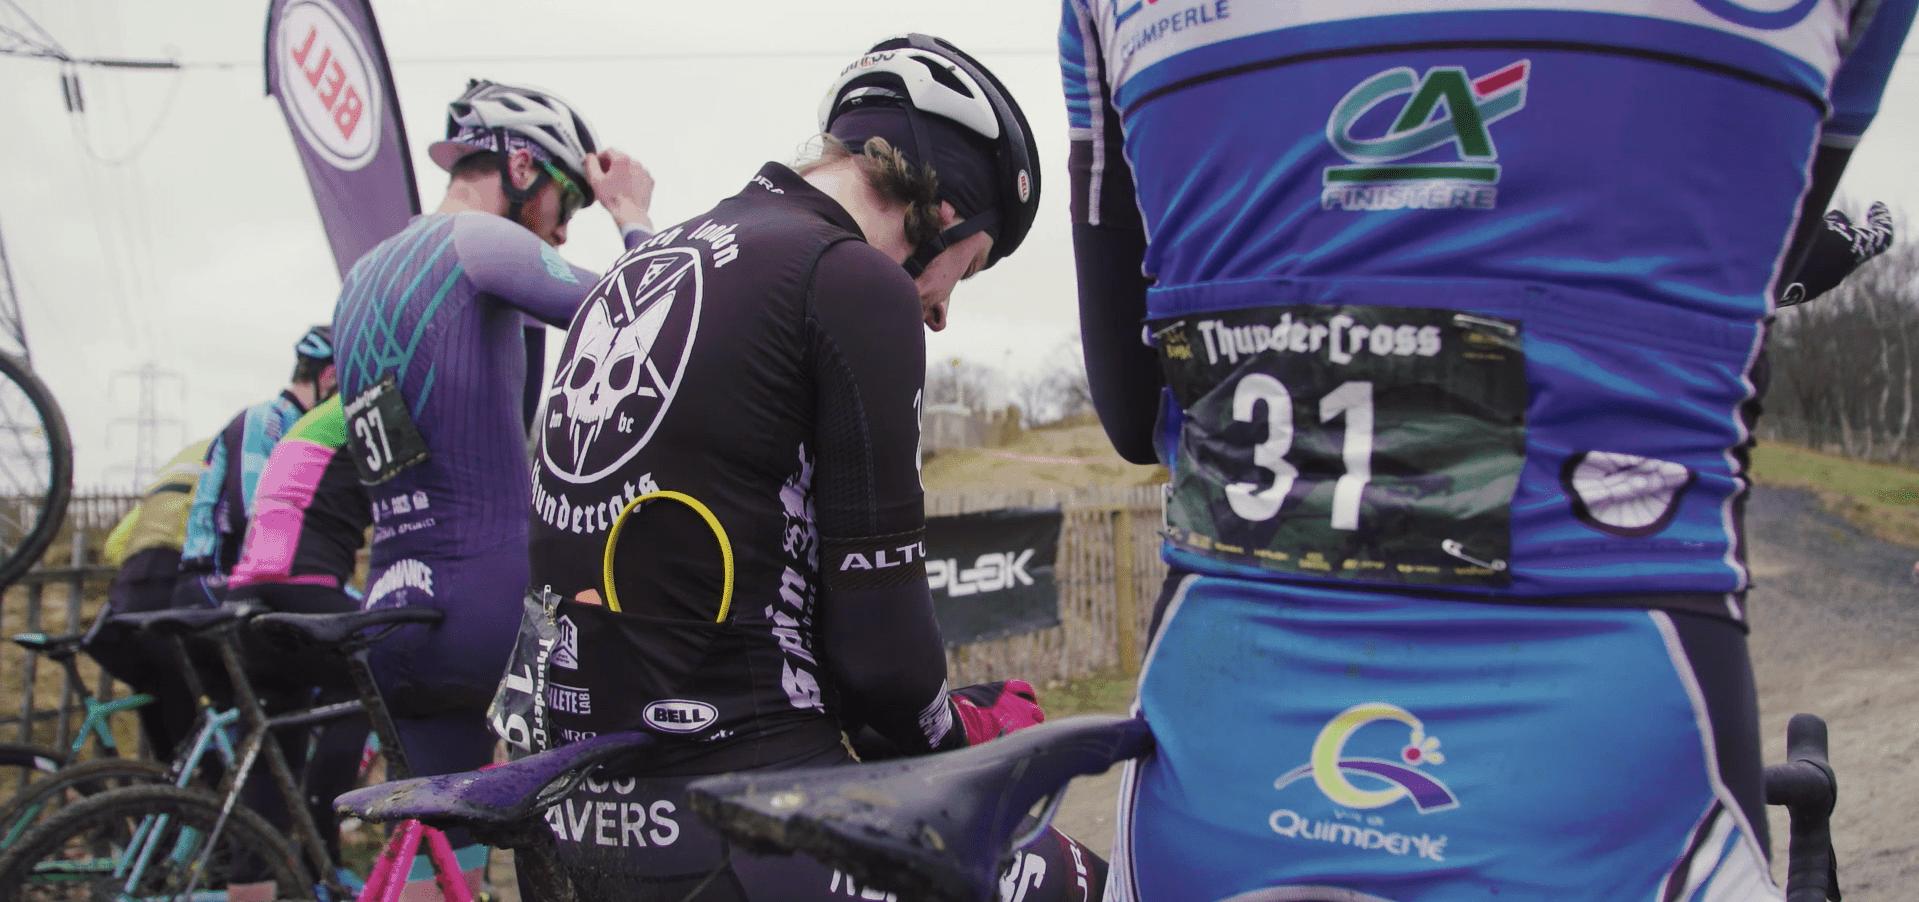 Cyclocross Thundercross on the Start line